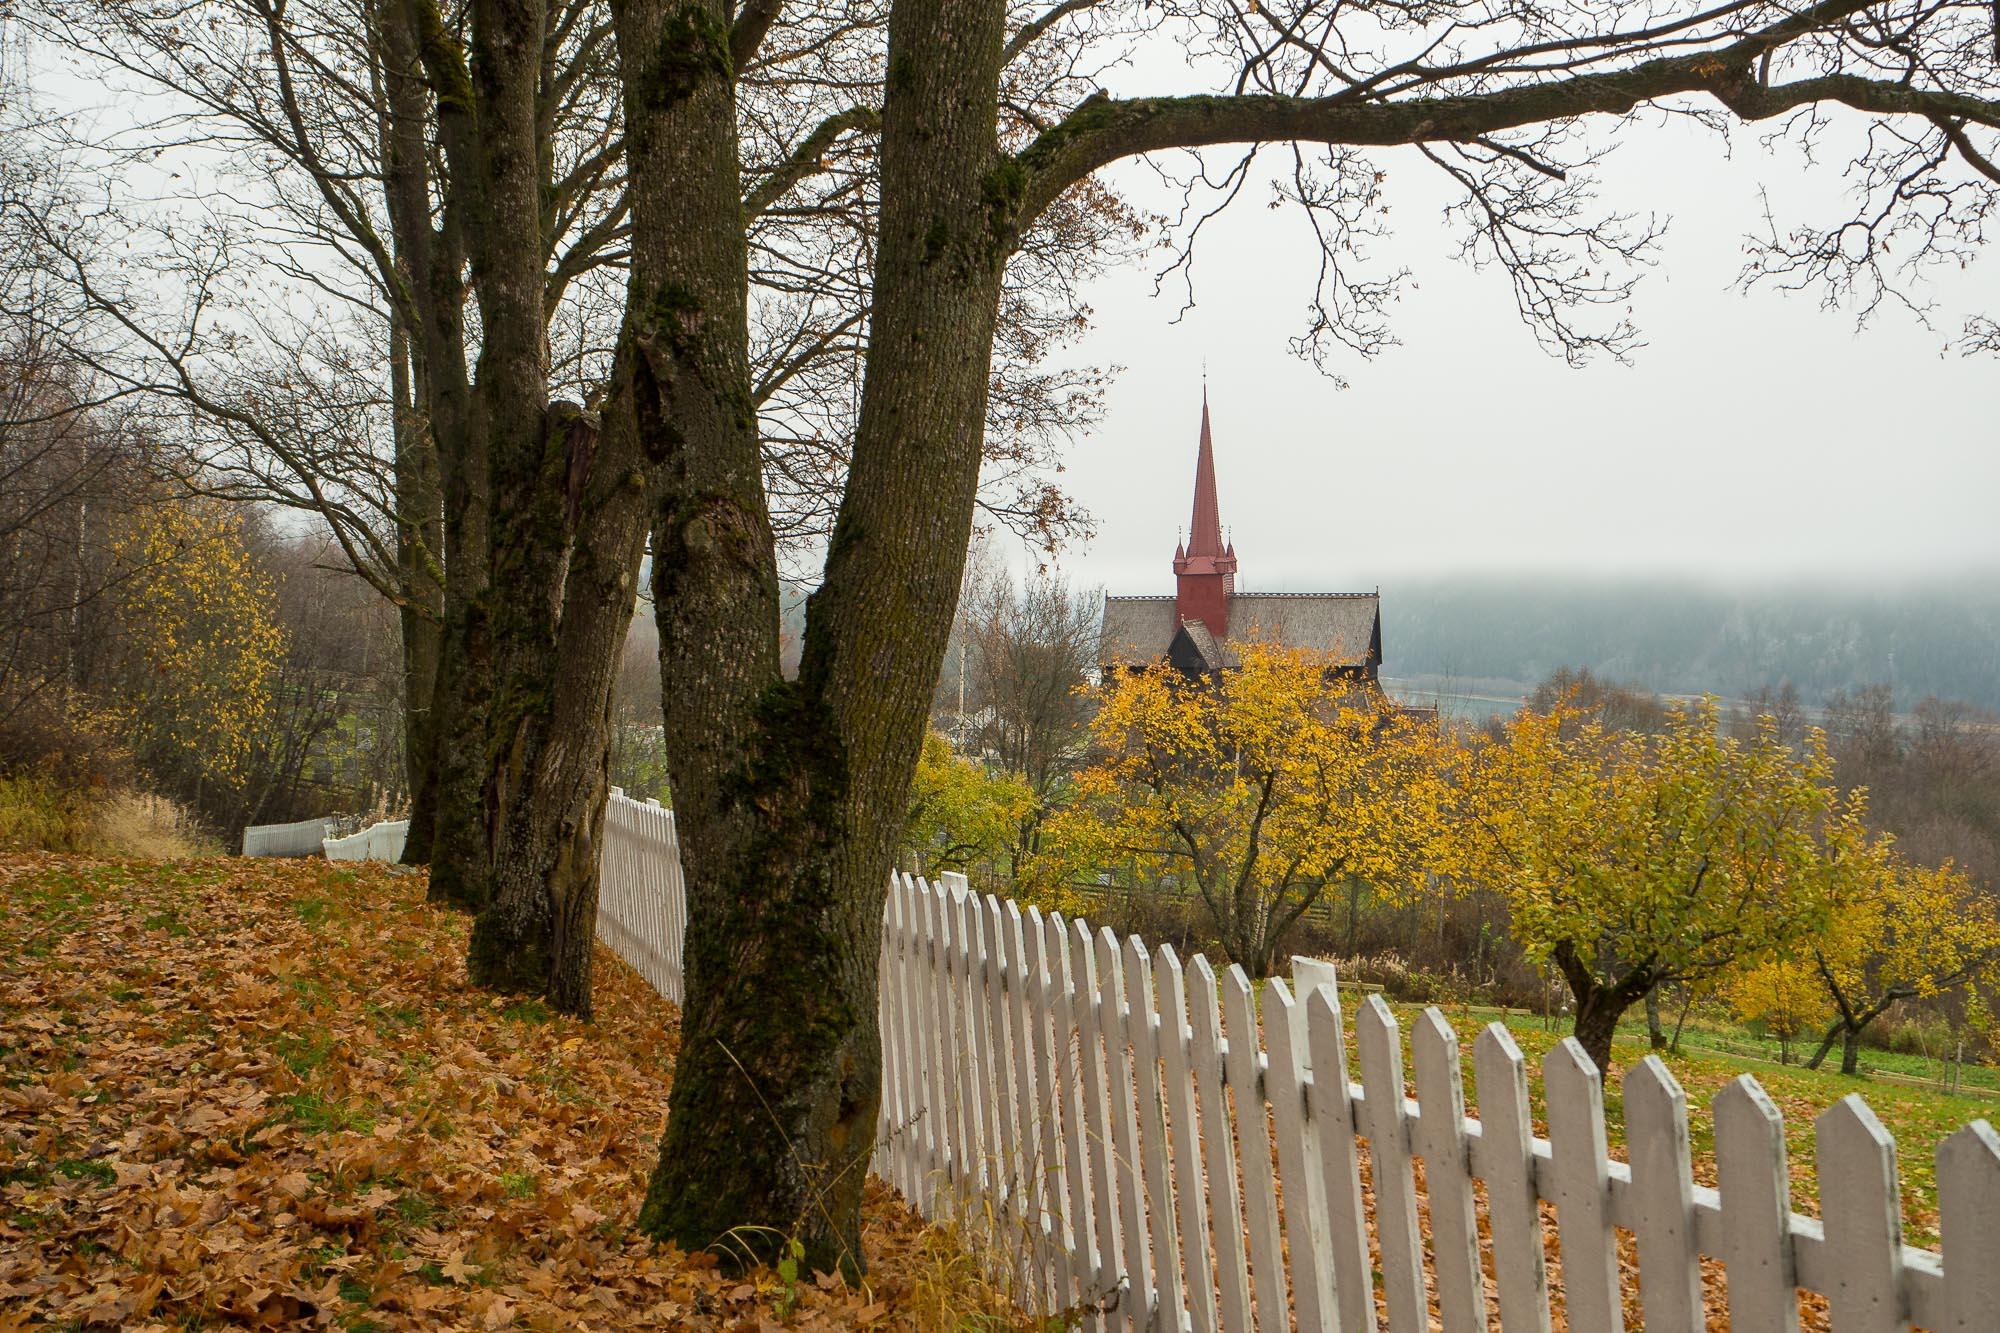 SNART VINTER Bildet er av Ringebu stavkirke. Det ble tatt i begynnelsen av november 2015. Dette bildet er ett av mange av vår lirke, men dette er tatt fra en litt annen vinkel enn normalt. Det er tatt fra stien mellom prestegården og ned mot kirka med store trær og et stakittgjerde. Ringebu stavkirke er bygget ca 1220. Den er en av 28 gjenværende stavkirker i Norge, og en av de største. Ringebu stavkirke er av Borgundtypen. Kirka har en utskåret inngangsportal i dragestil, som det er lagd en skulptur av ved enden av gangbrua i Ringebu sentrum.